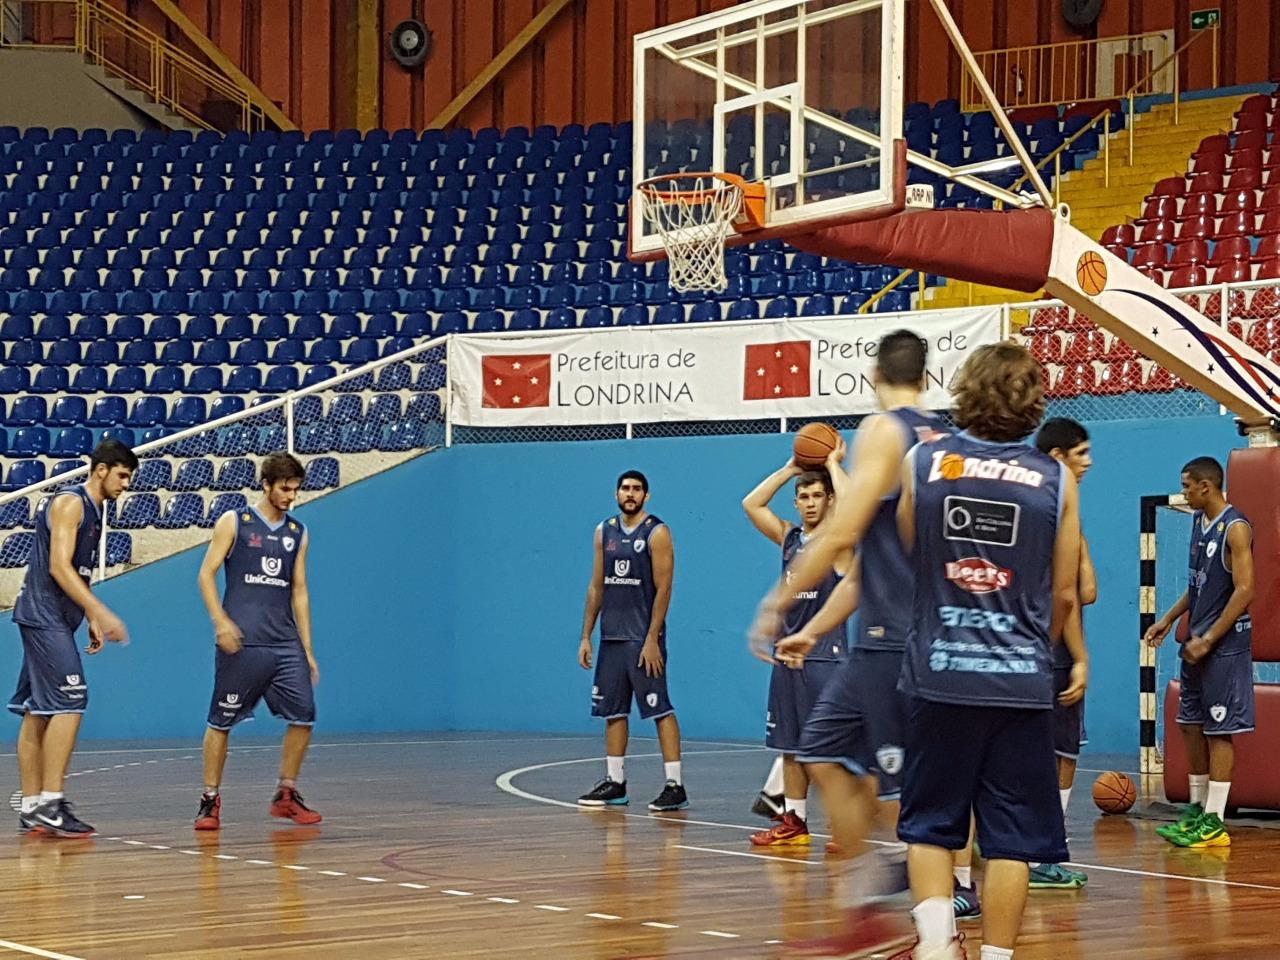 Basquete - Londrina Unicesumar Basketball - Foto: Divulgação